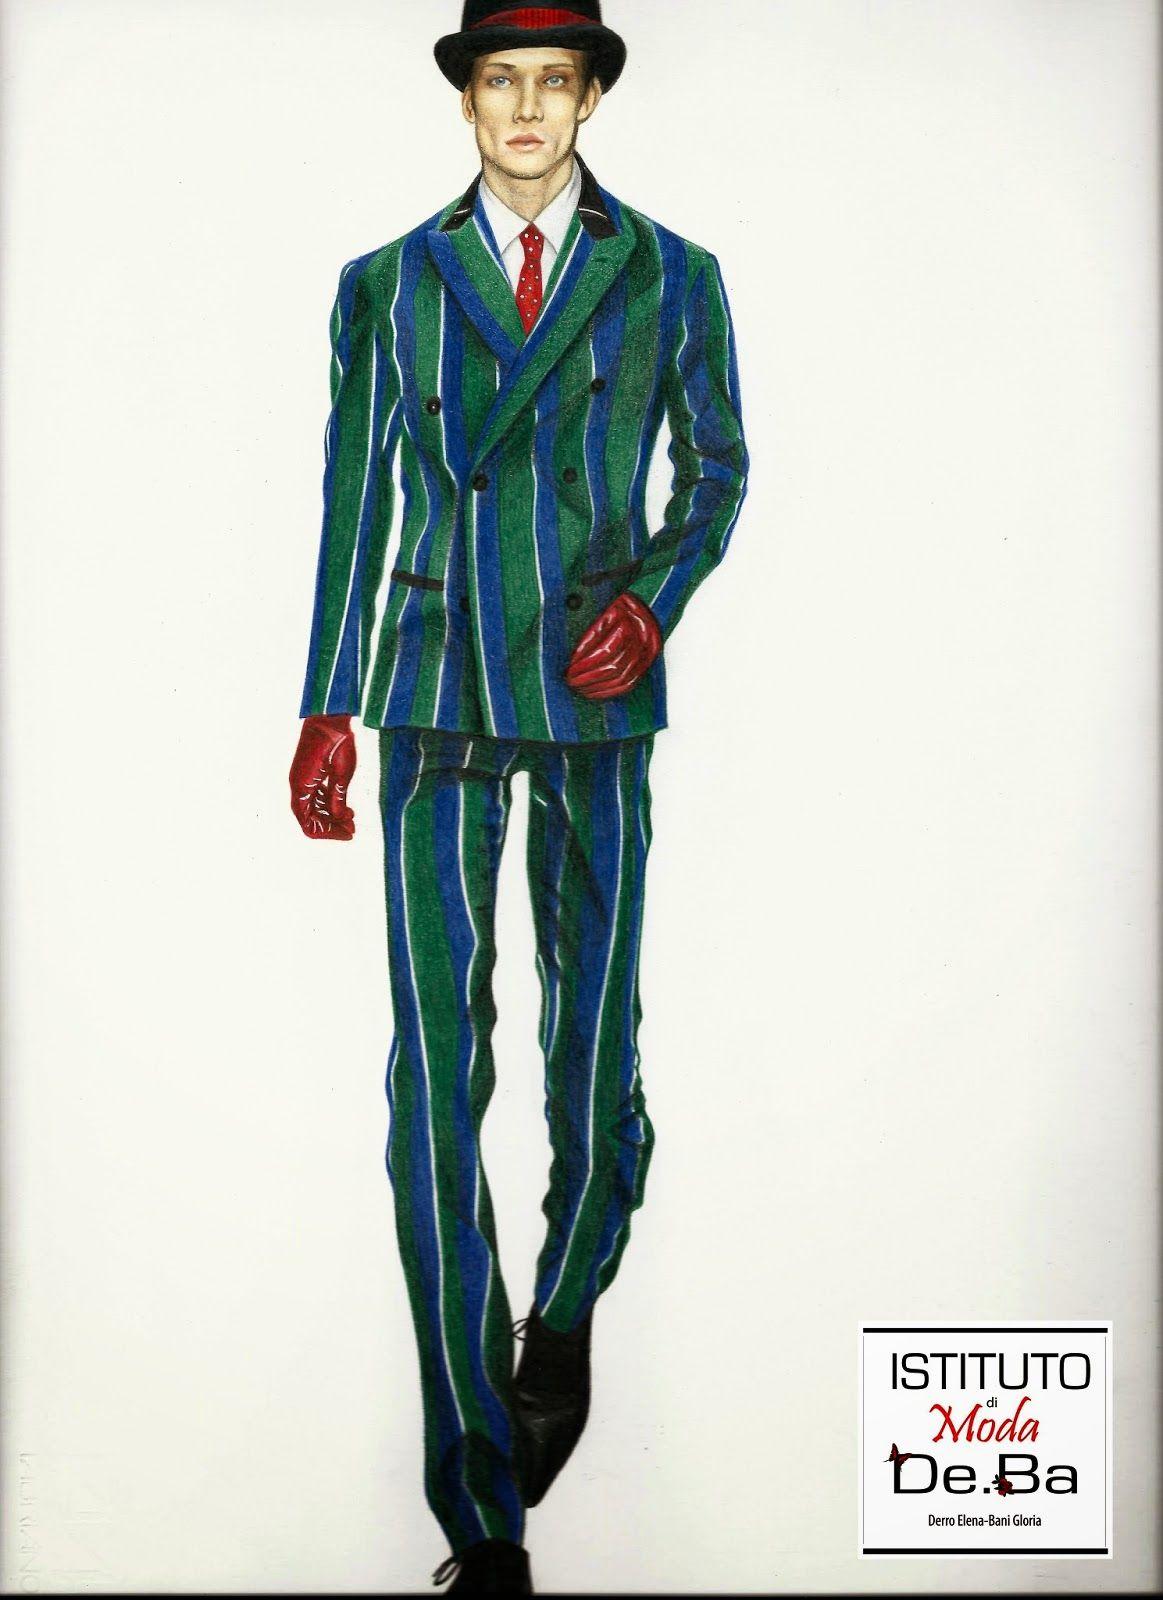 Istituto di moda burgo sede di alessandria fashion for Burgo istituto